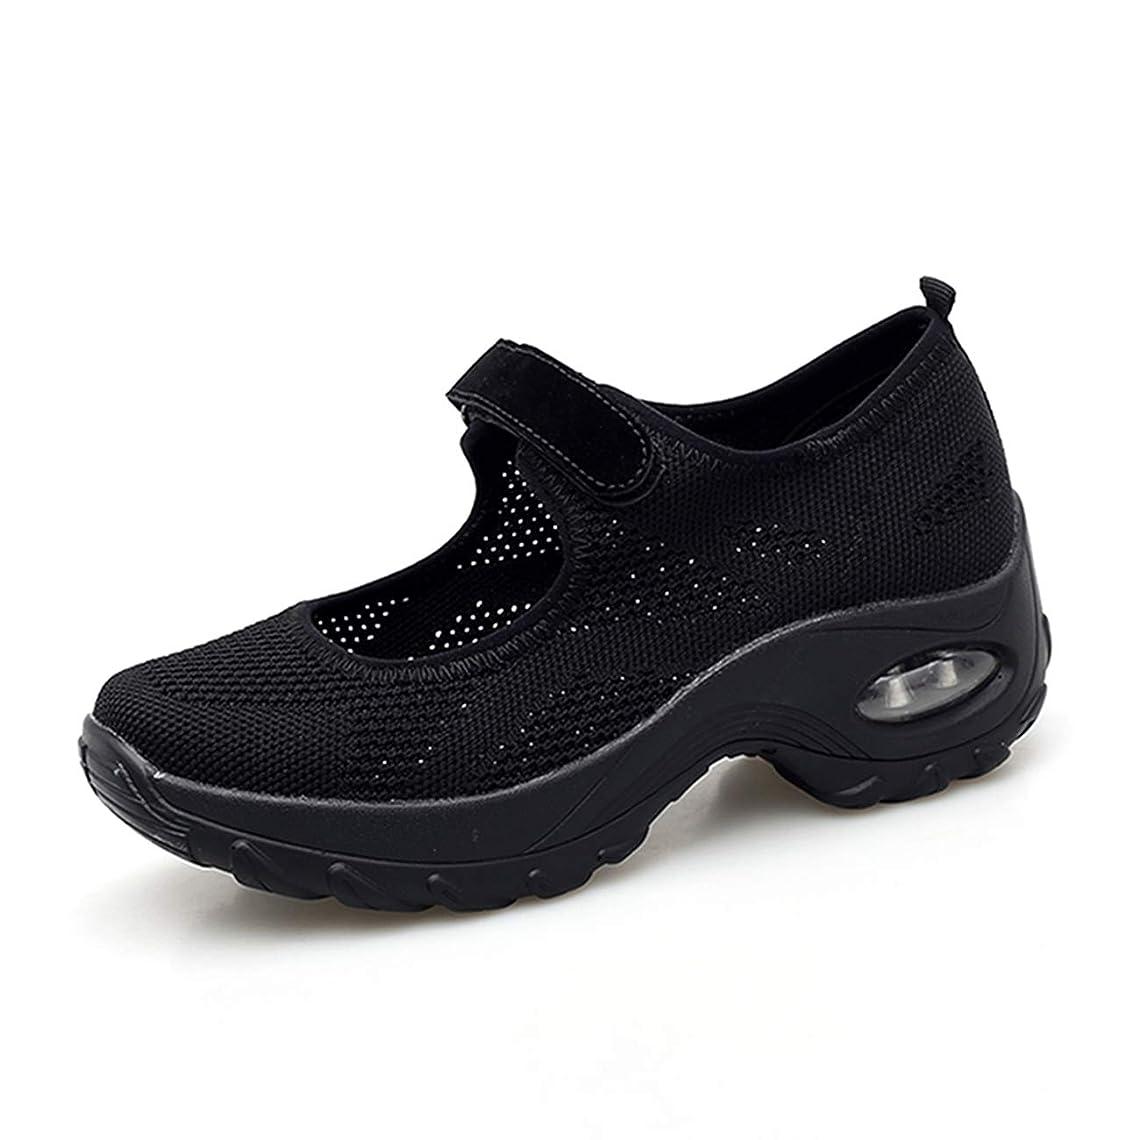 しつけ電話をかける免疫する[Fainyearn] スニーカーレディース 紐なし ナースシューズ 安全靴 スリッポン モカシン 超軽量 デッキシューズ ウォーキングシューズ 婦人靴 介護シューズ カジュアル 通気 ジム